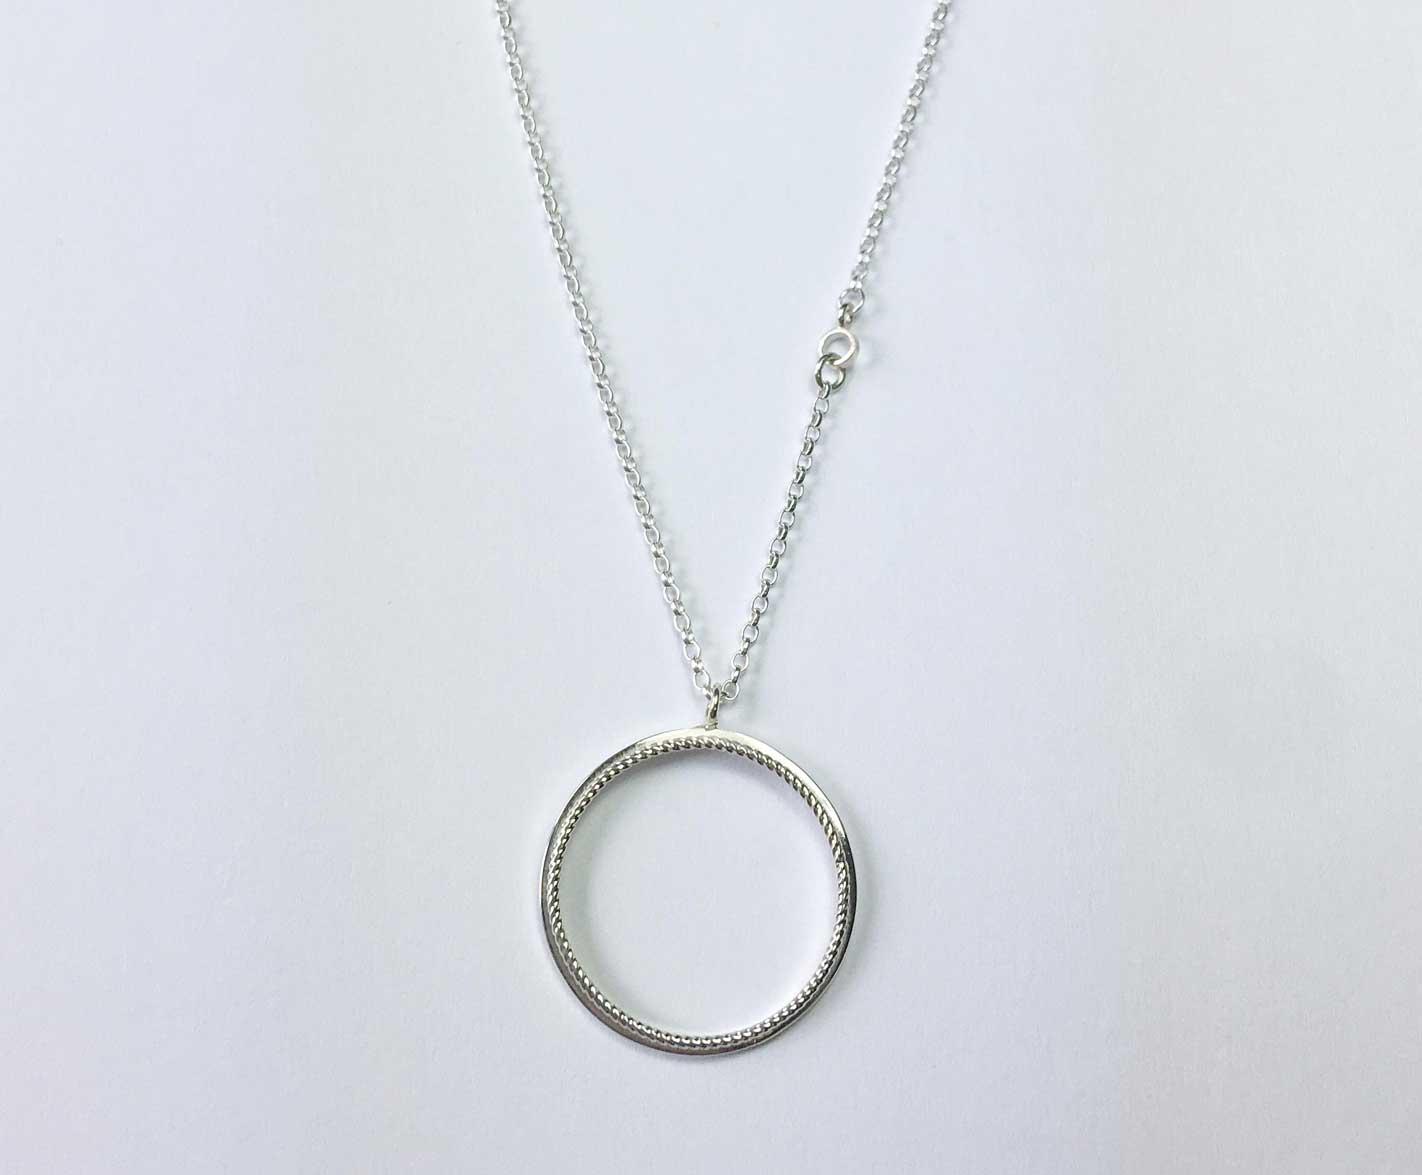 Elliptical Necklace 2